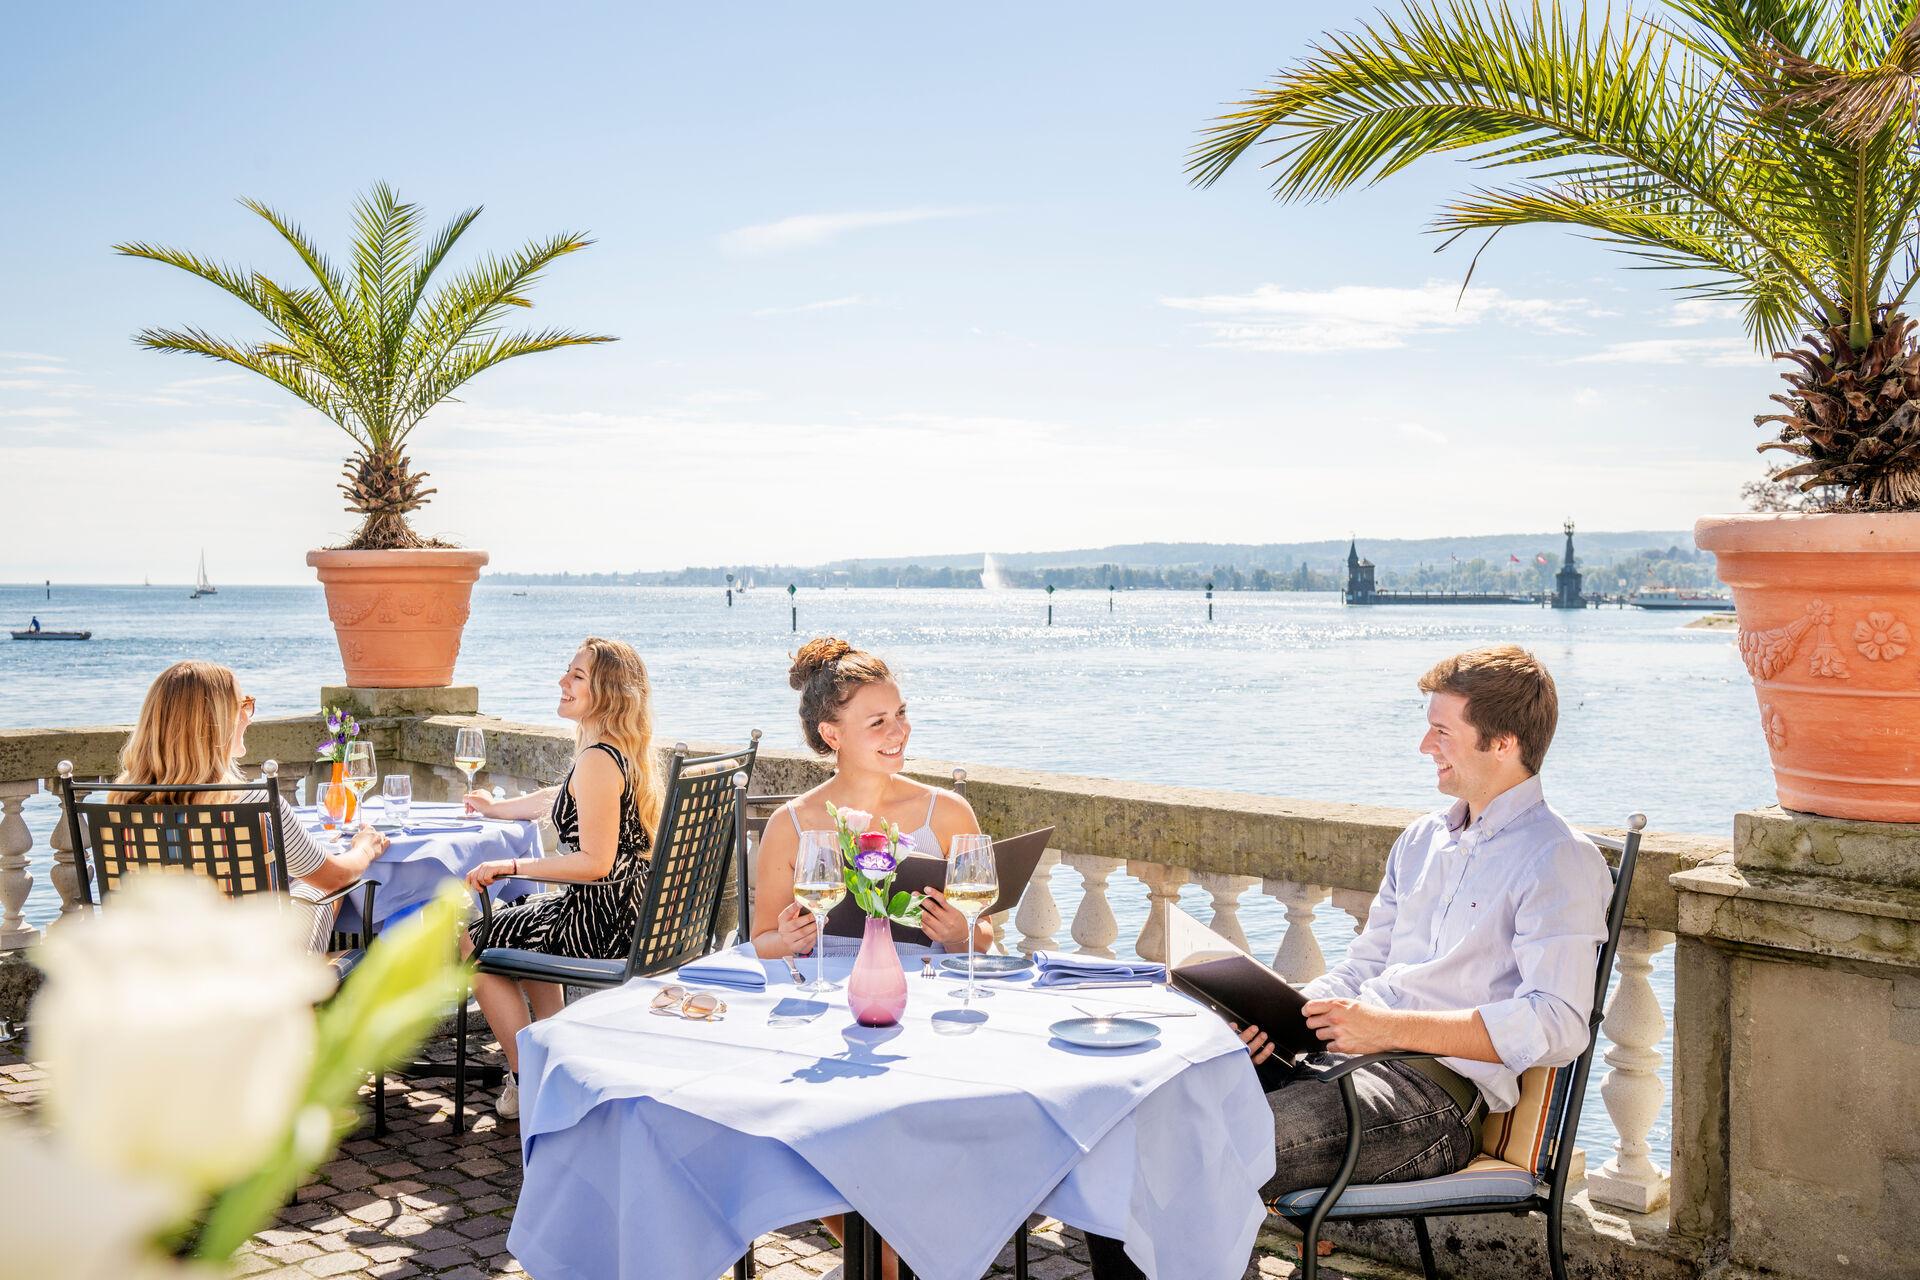 Konstanz-Gastronomie-Steigenberger-Terasse-Dinner-04_Spaetsommer_Copyright_MTK-Dagmar-Schwelle